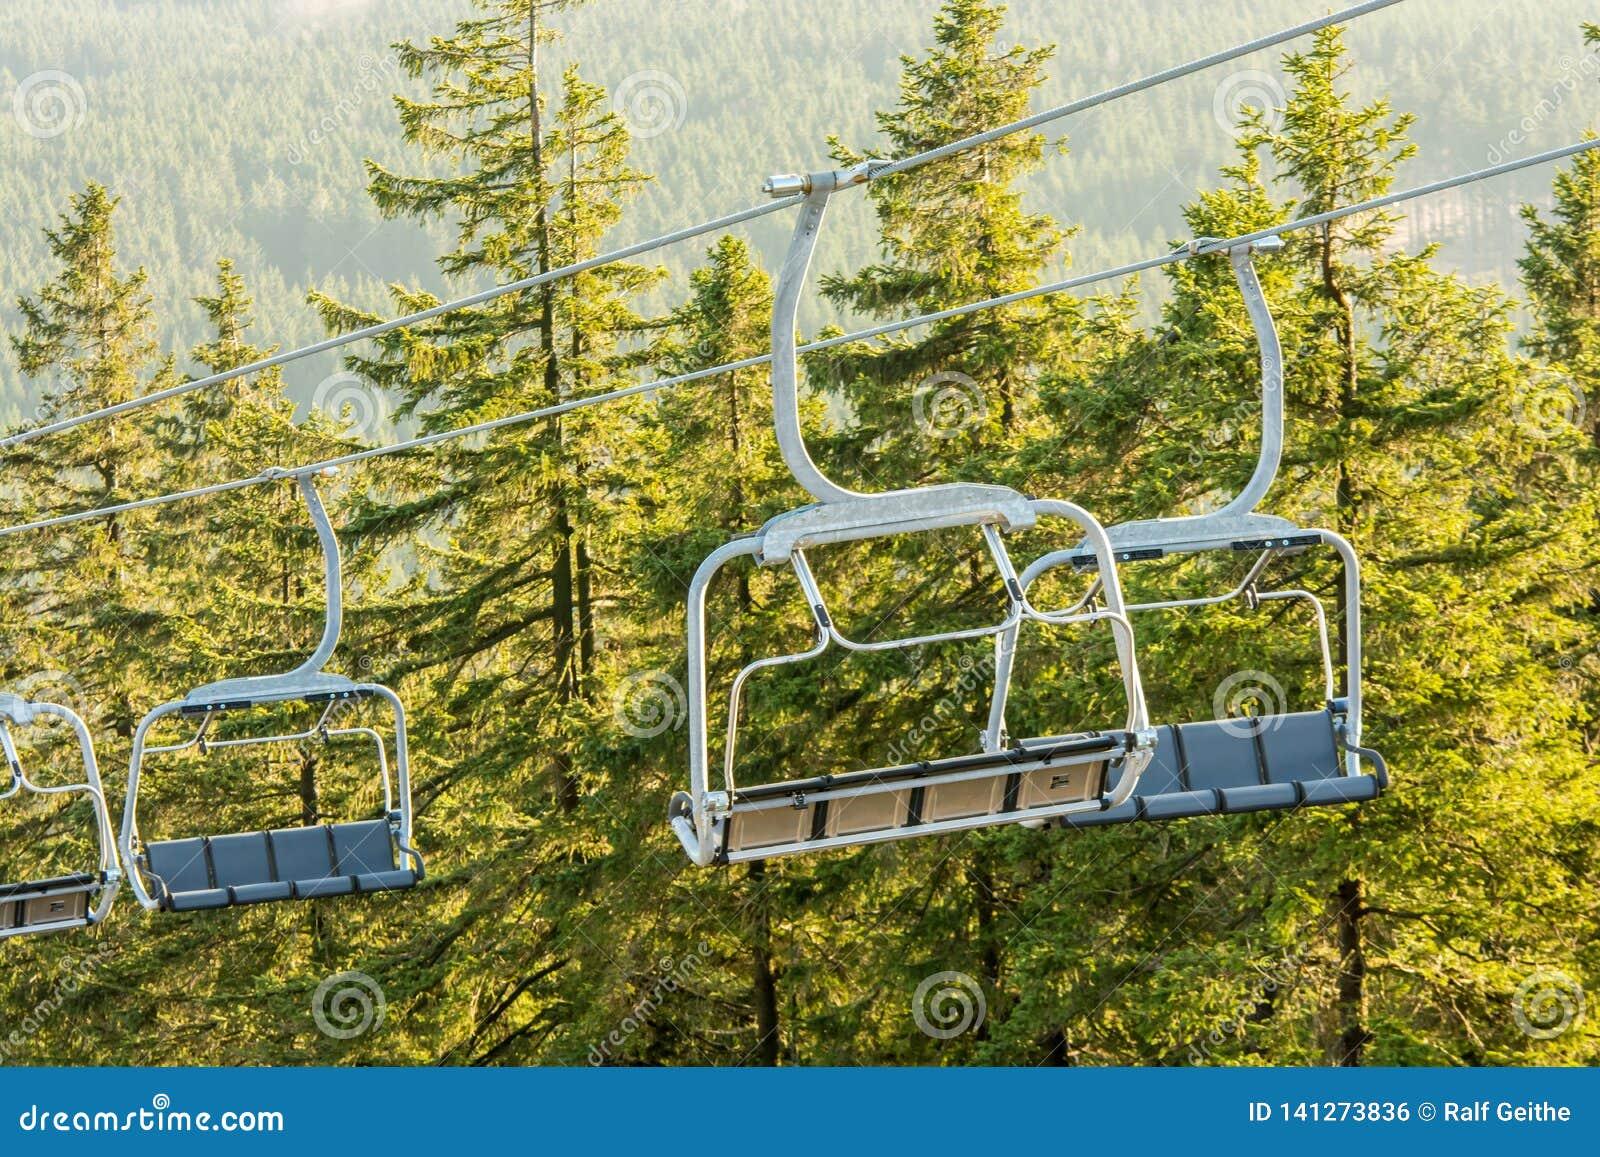 Pusty chairlift z dużymi gondolami w lasowym terenie